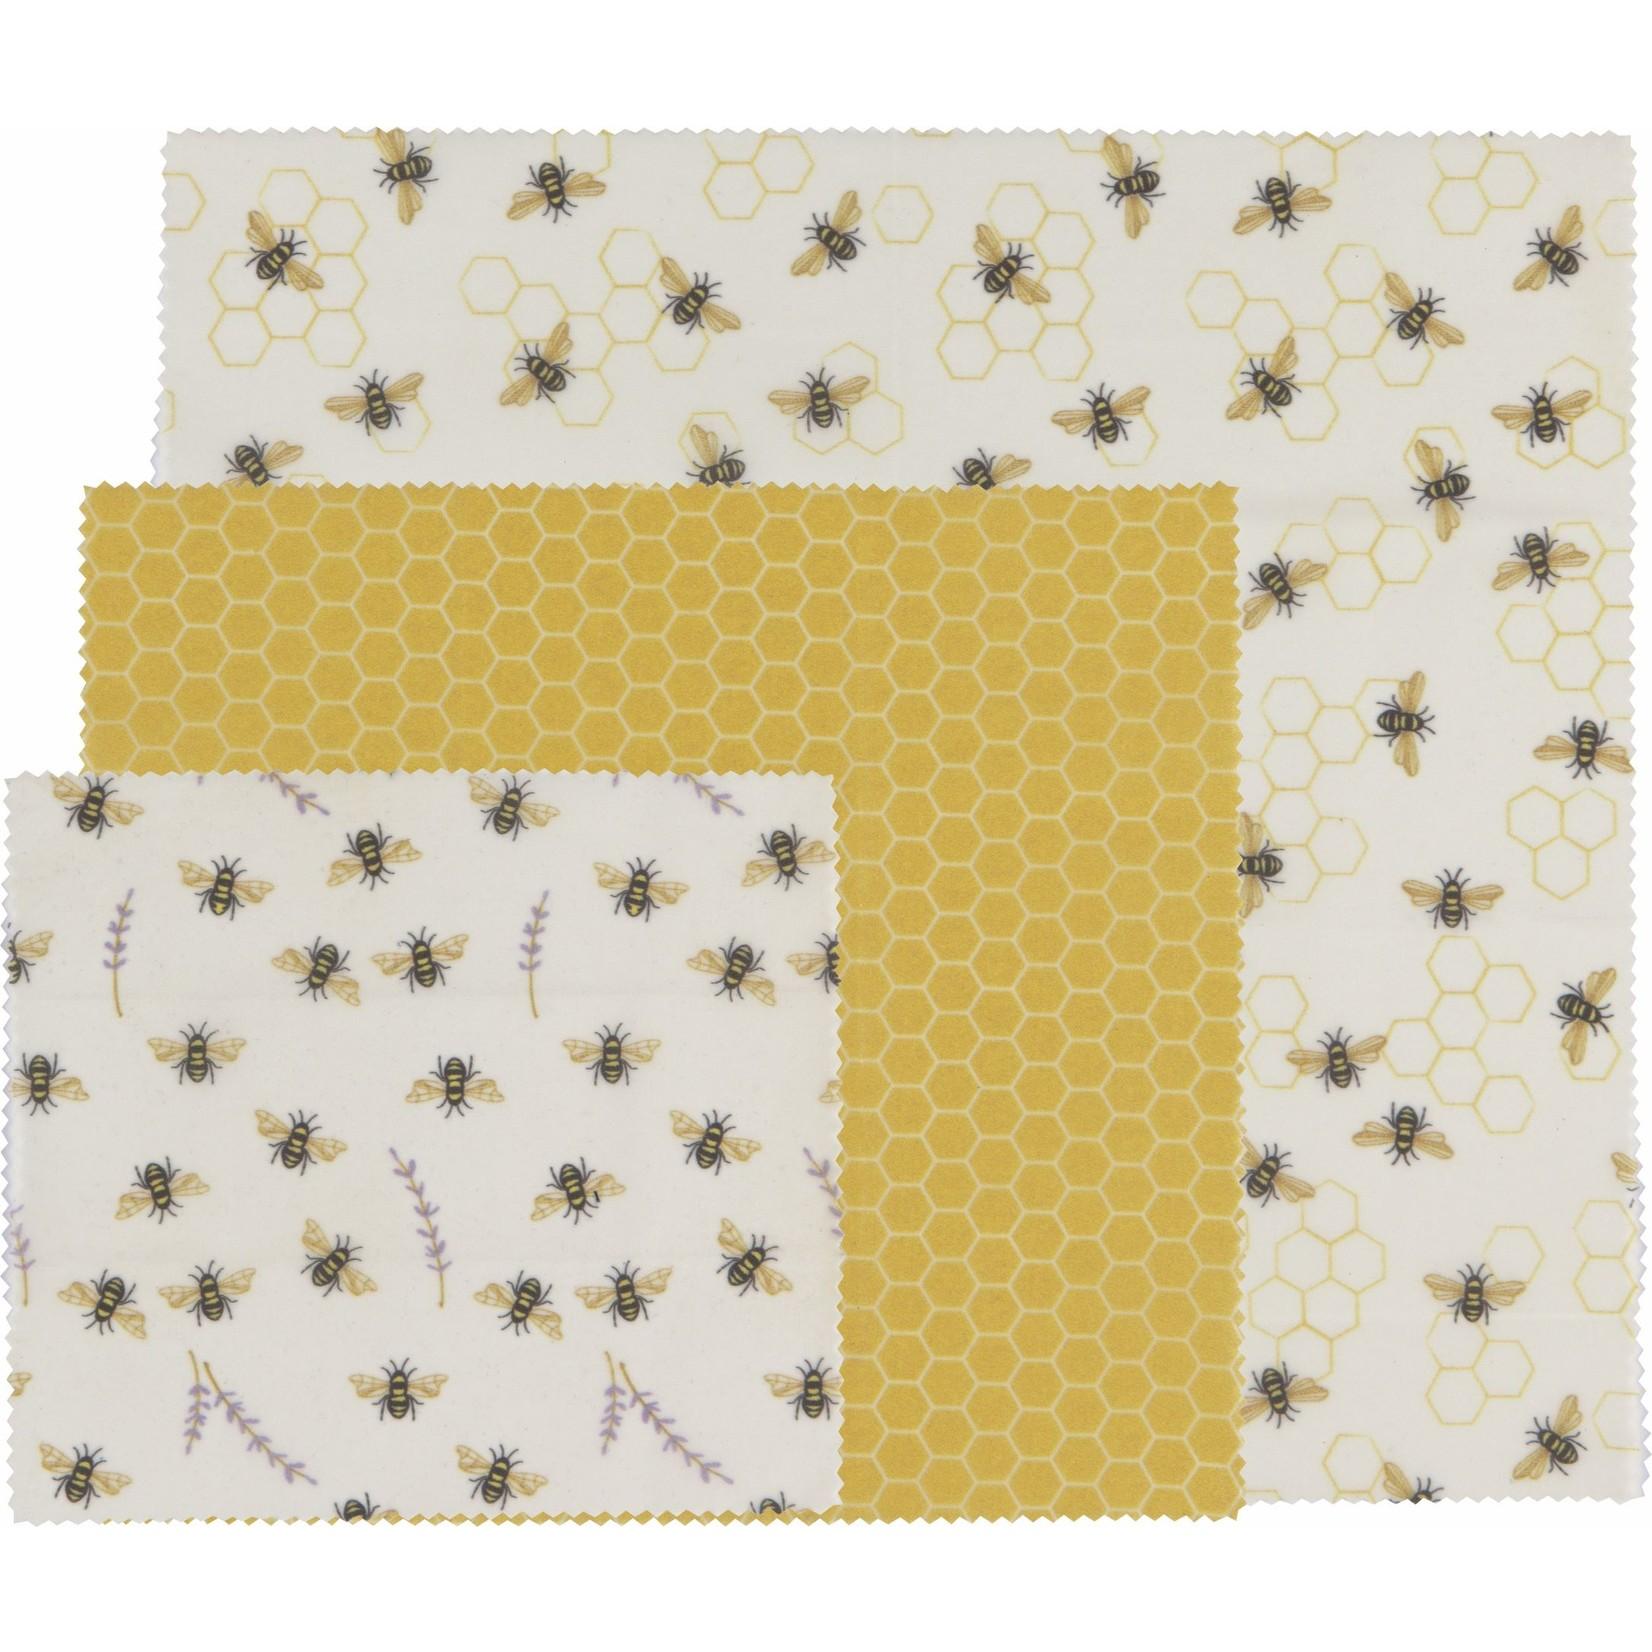 Ecologie Beeswax Wraps